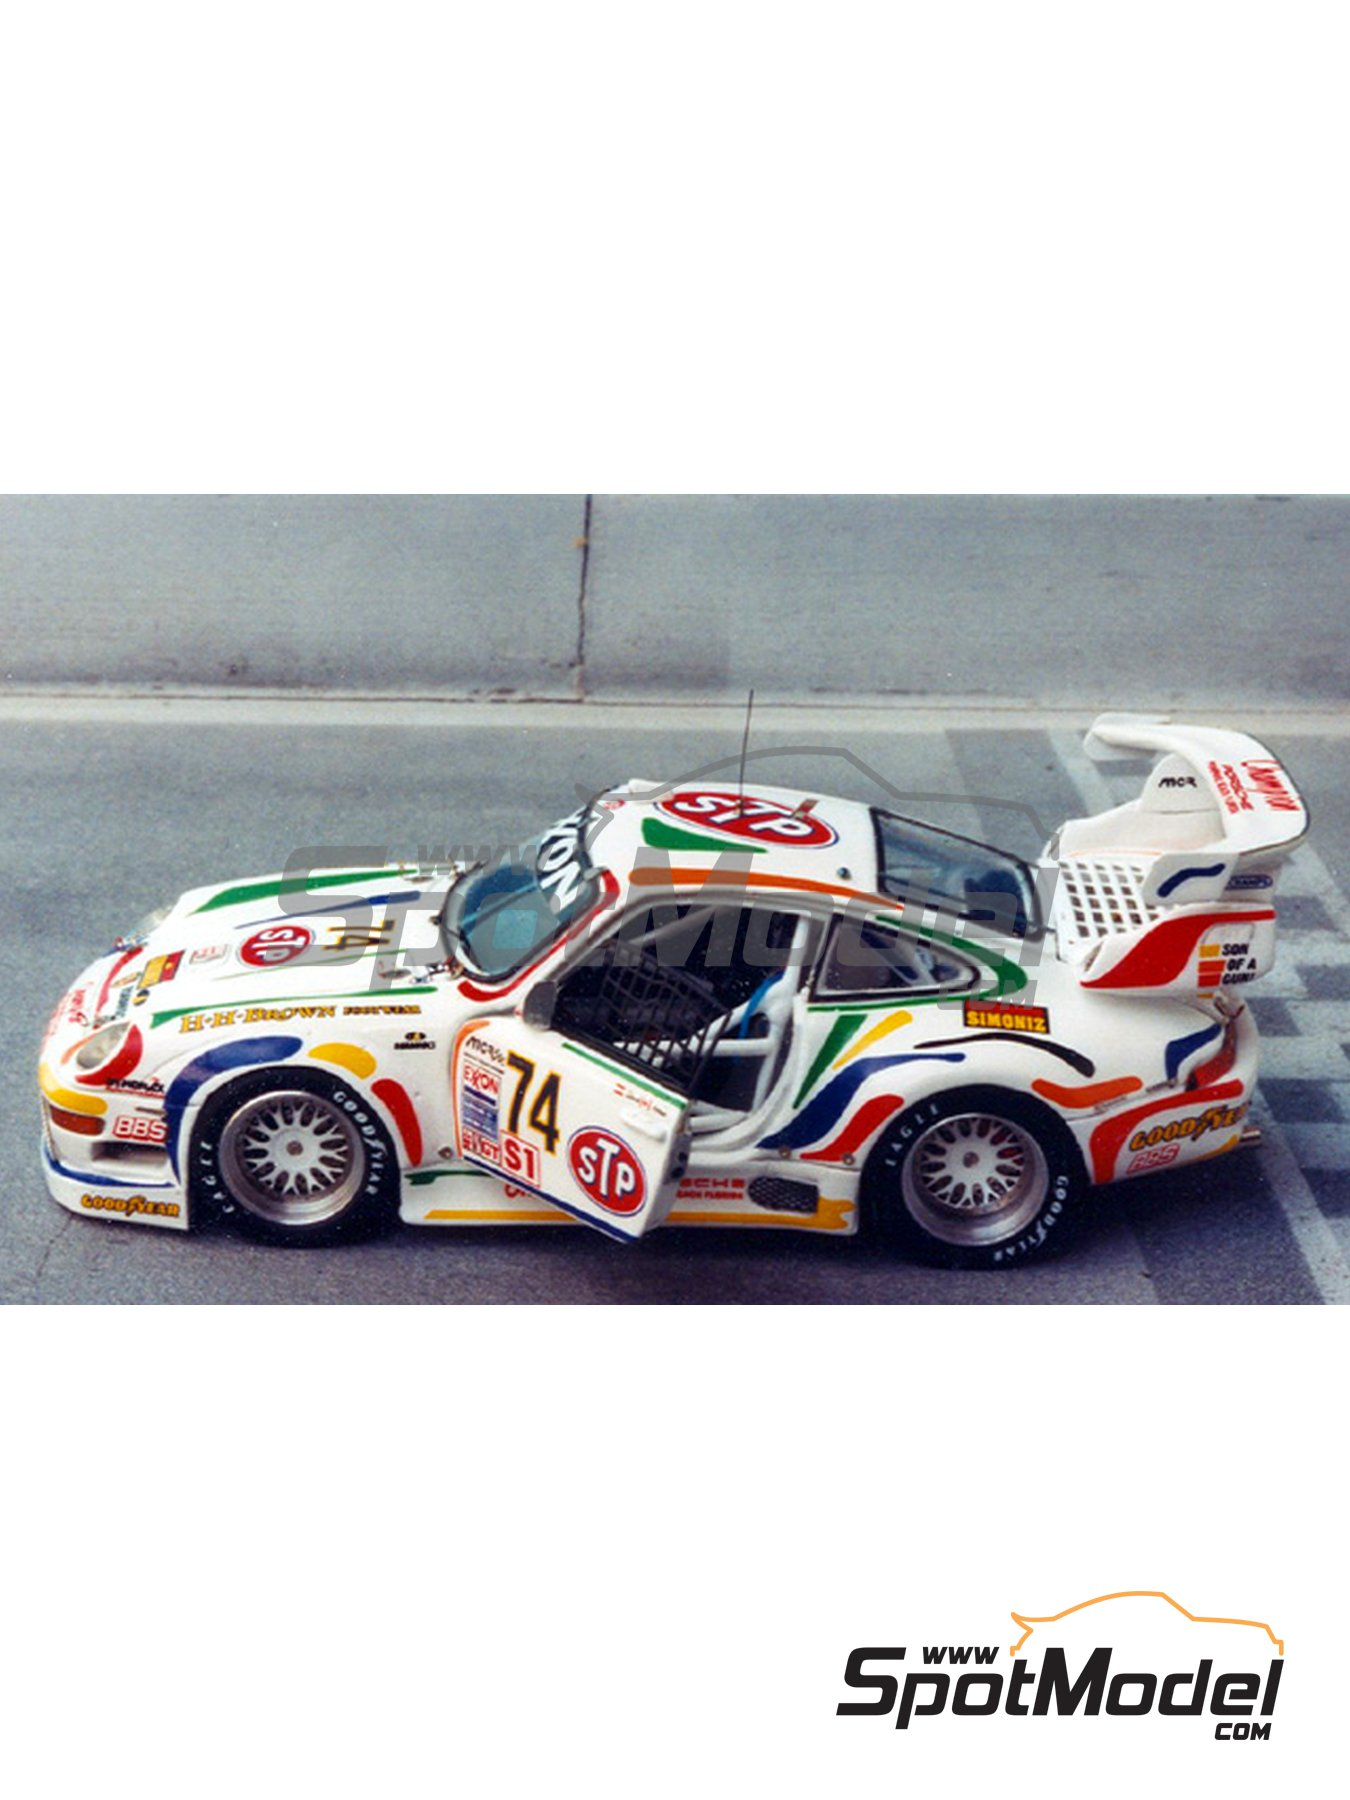 renaissance models model car kit 1 43 scale porsche 911 gt2 evo stp champion sebring 1996. Black Bedroom Furniture Sets. Home Design Ideas